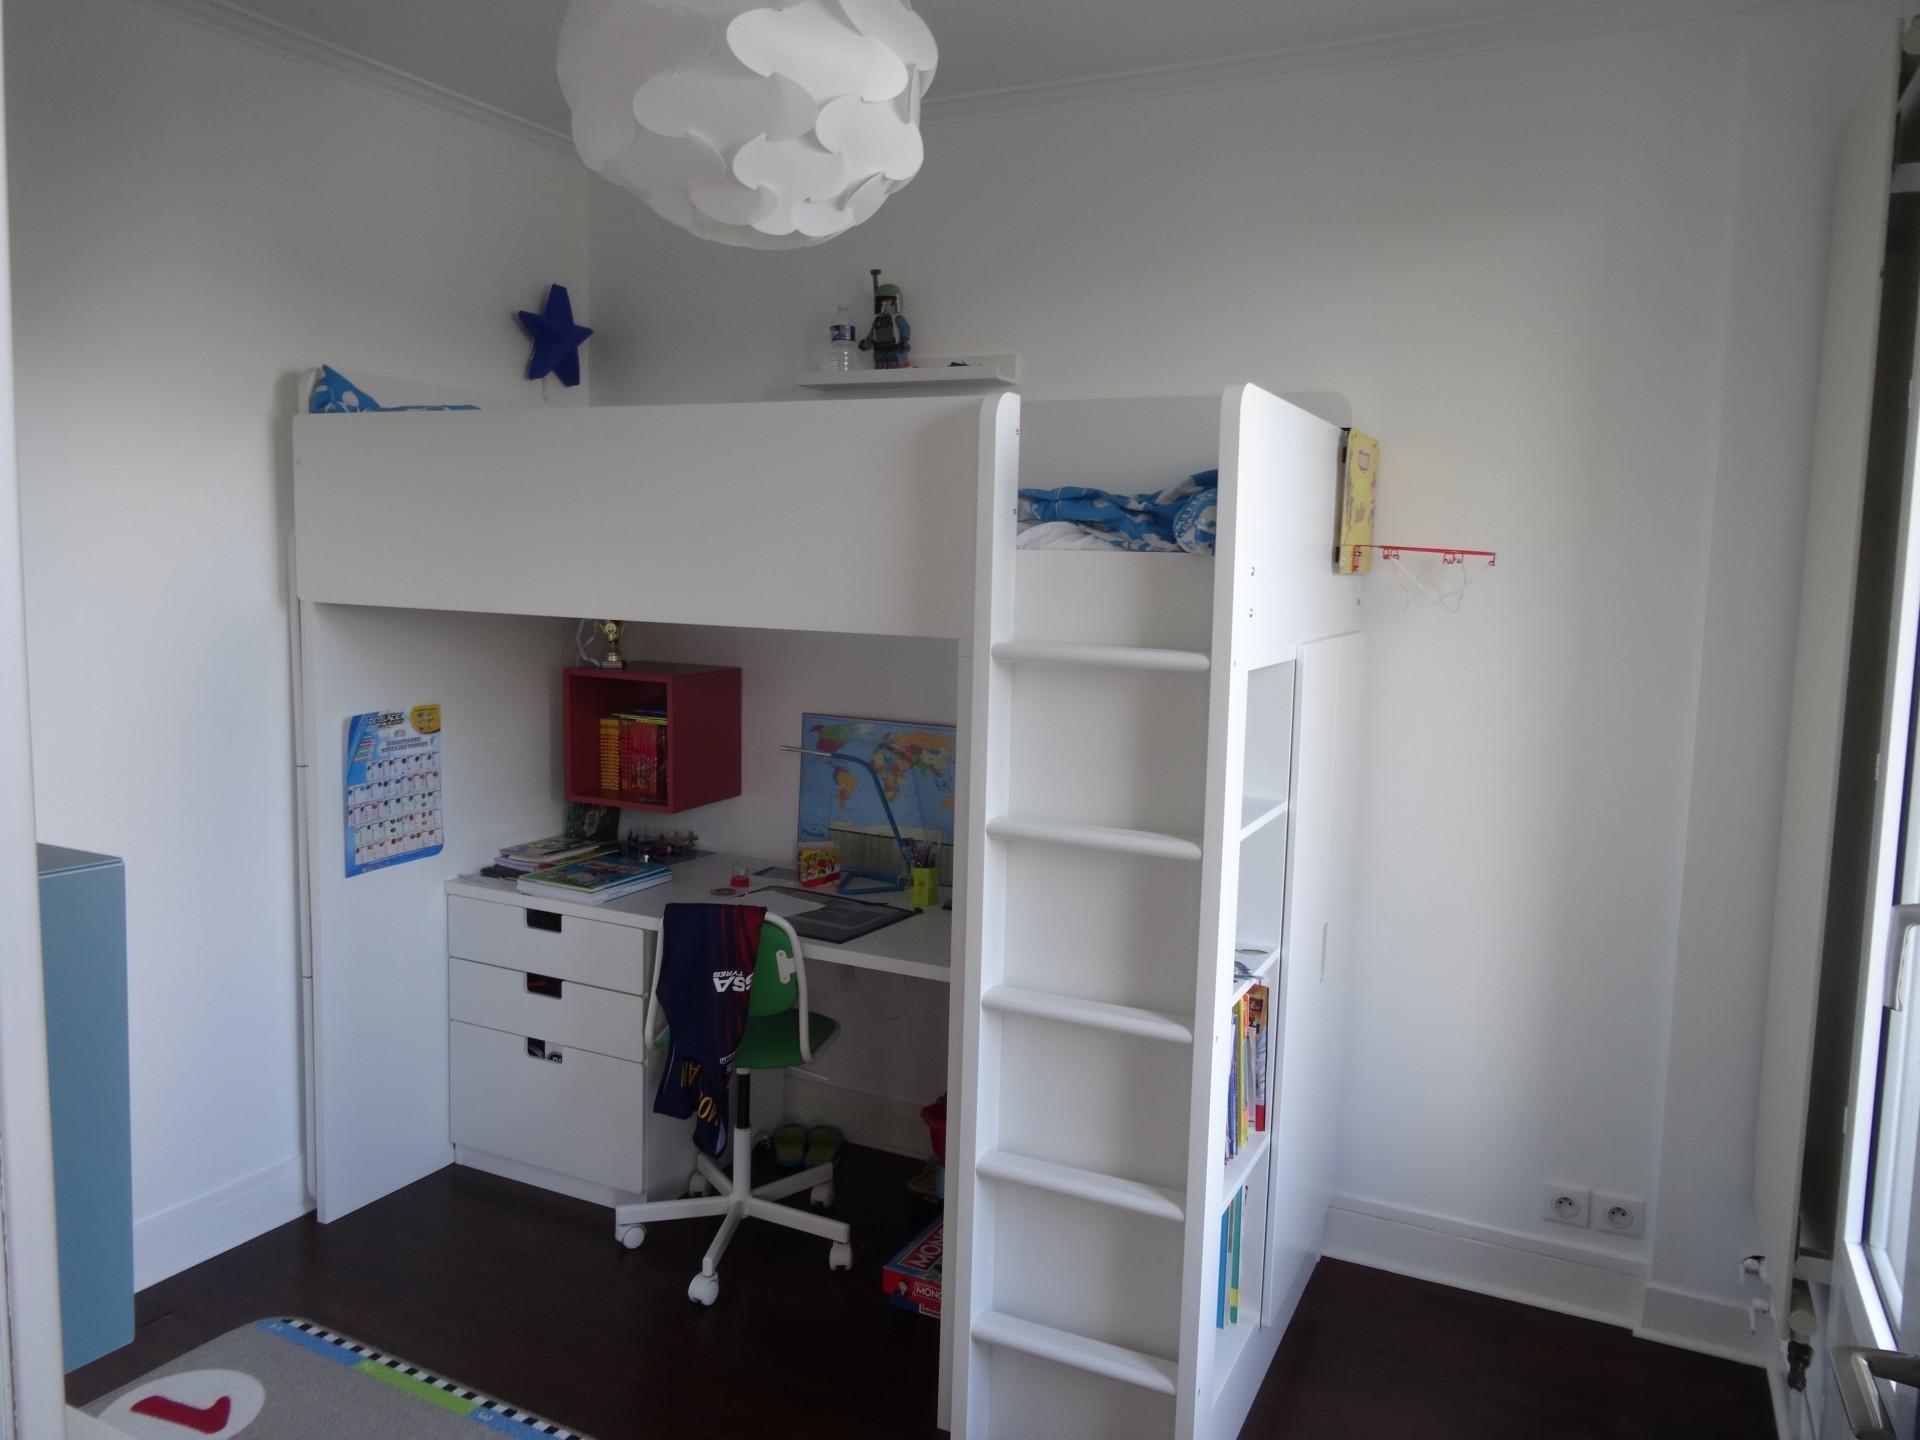 la-clef-des-villes-agence-immobiliere-boulogne-billancourt-photo-appartement-route-de-la-reine-chambre-lit-mezzanine